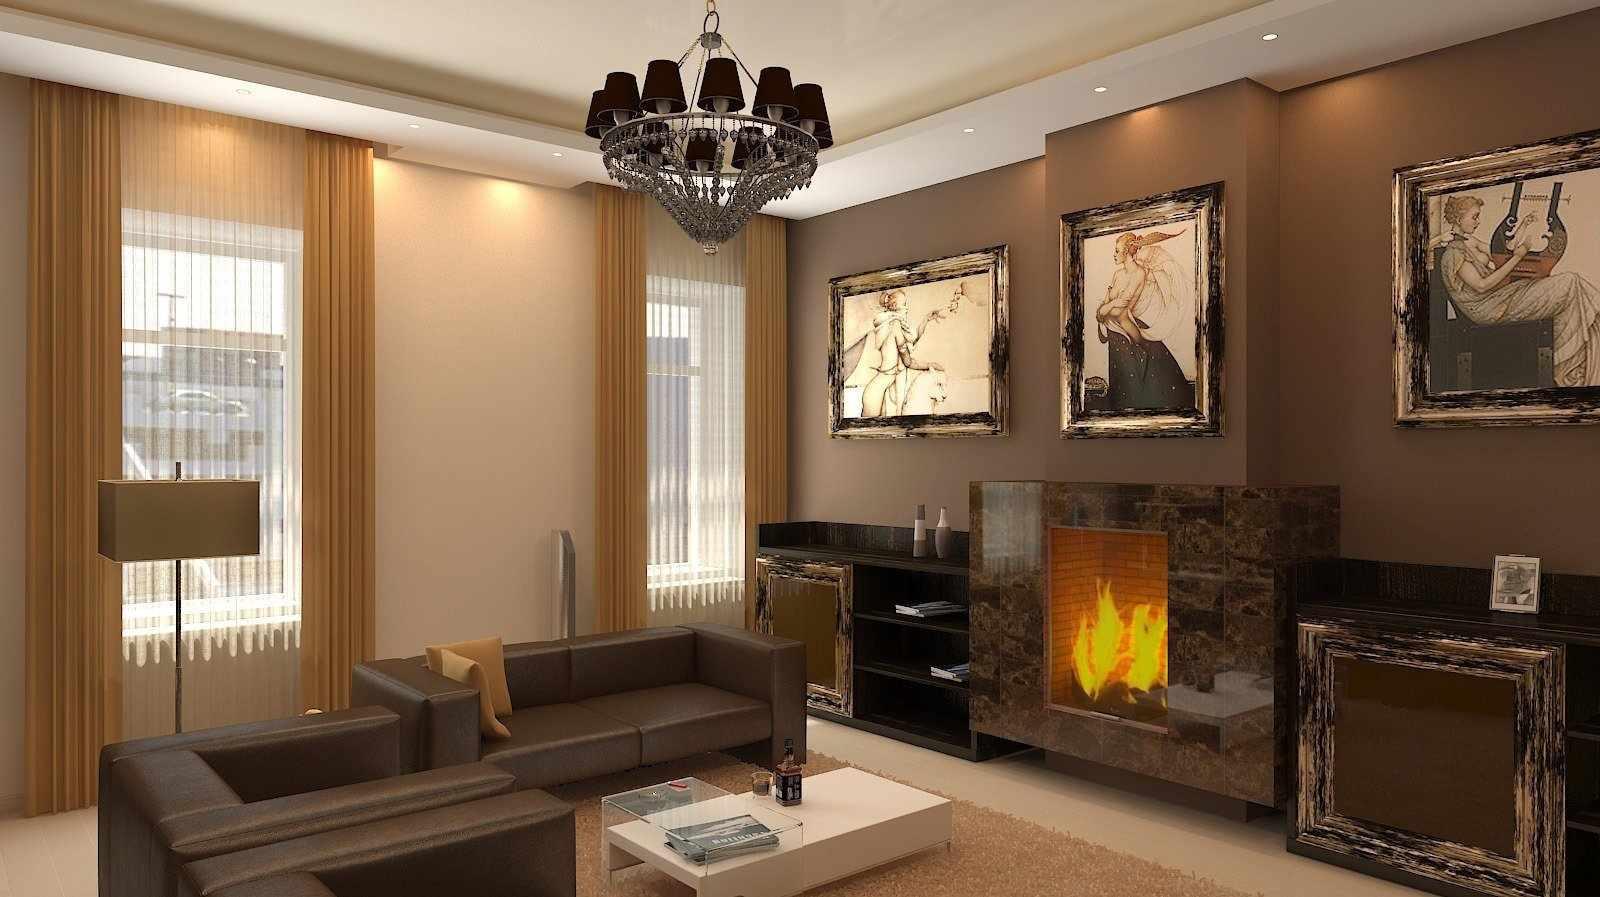 Картины и камин в гостиной